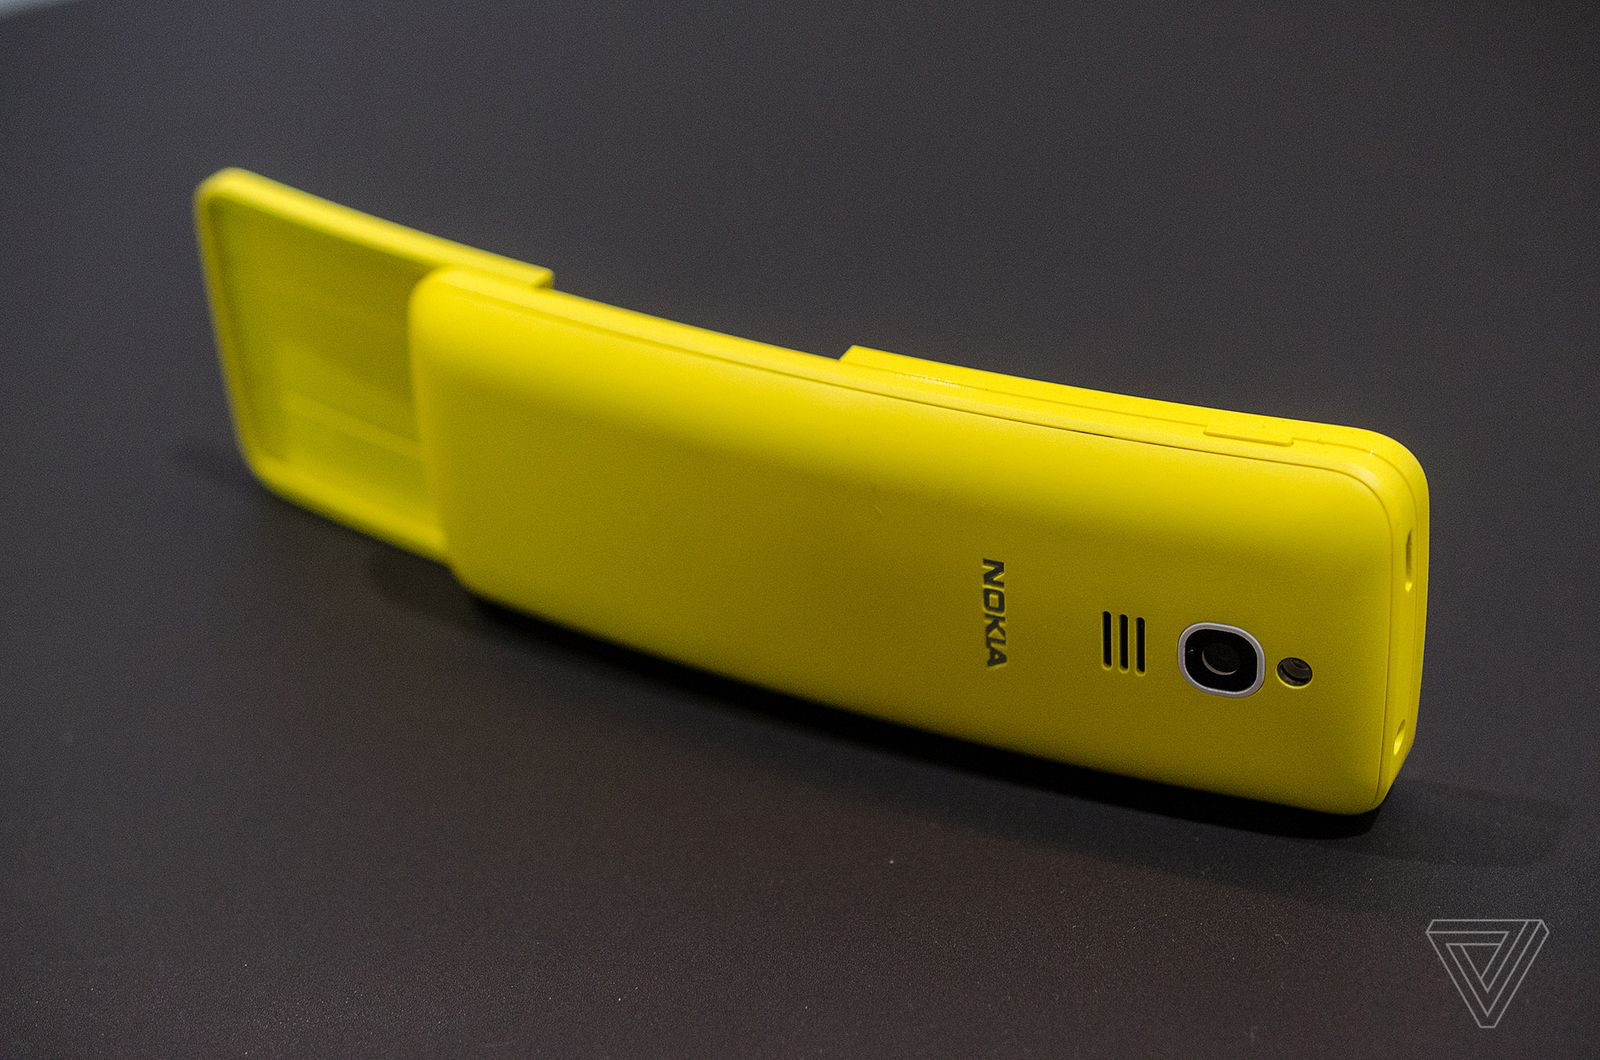 MWC 2018. HMD возродила легендарный телефон-банан нокиа 8110 изфильма «Матрица»